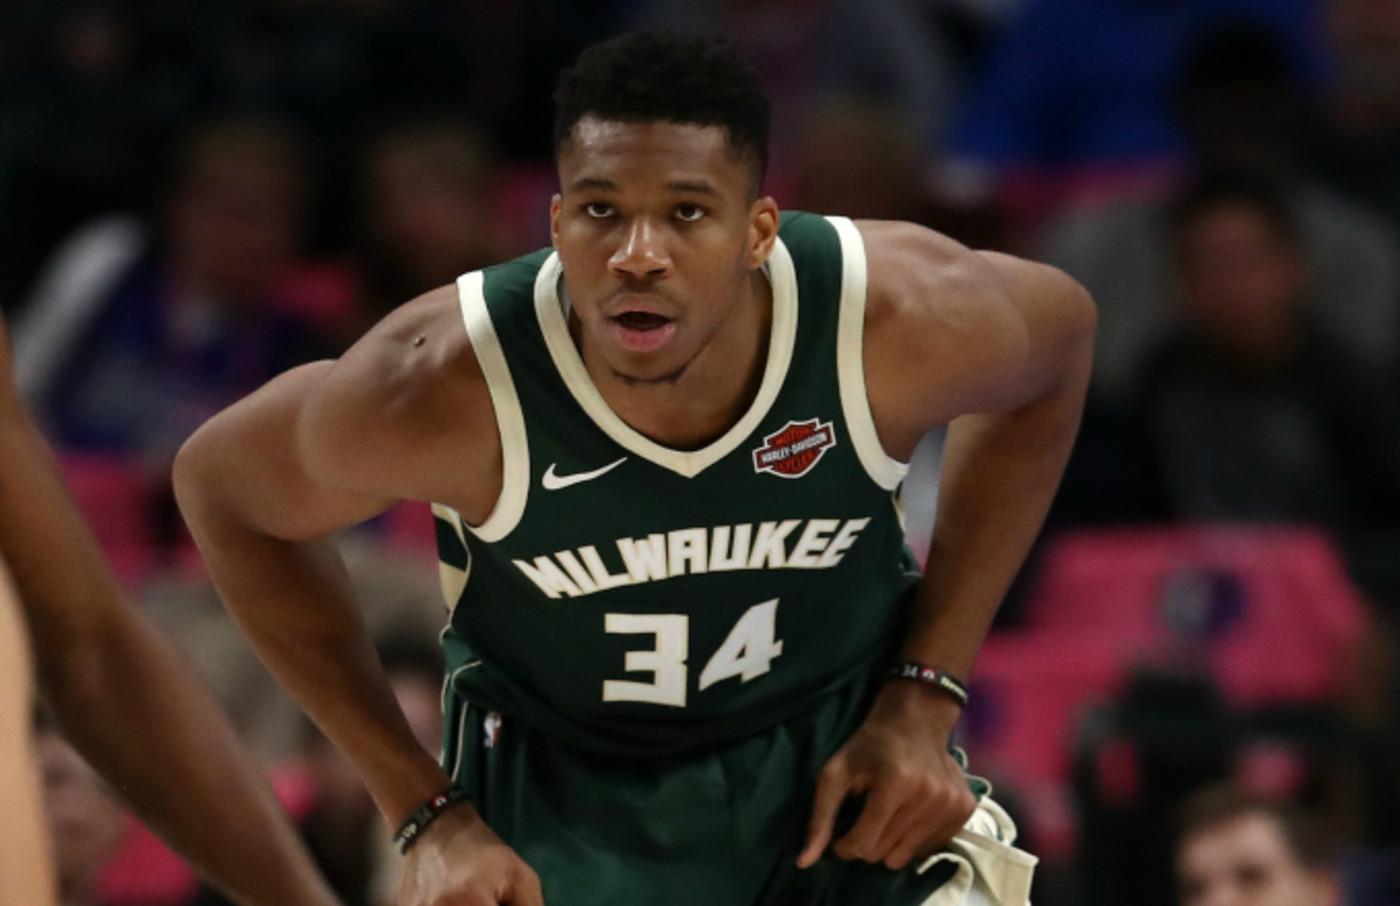 Giannis Antetokounmpo #34 of the Milwaukee Bucks